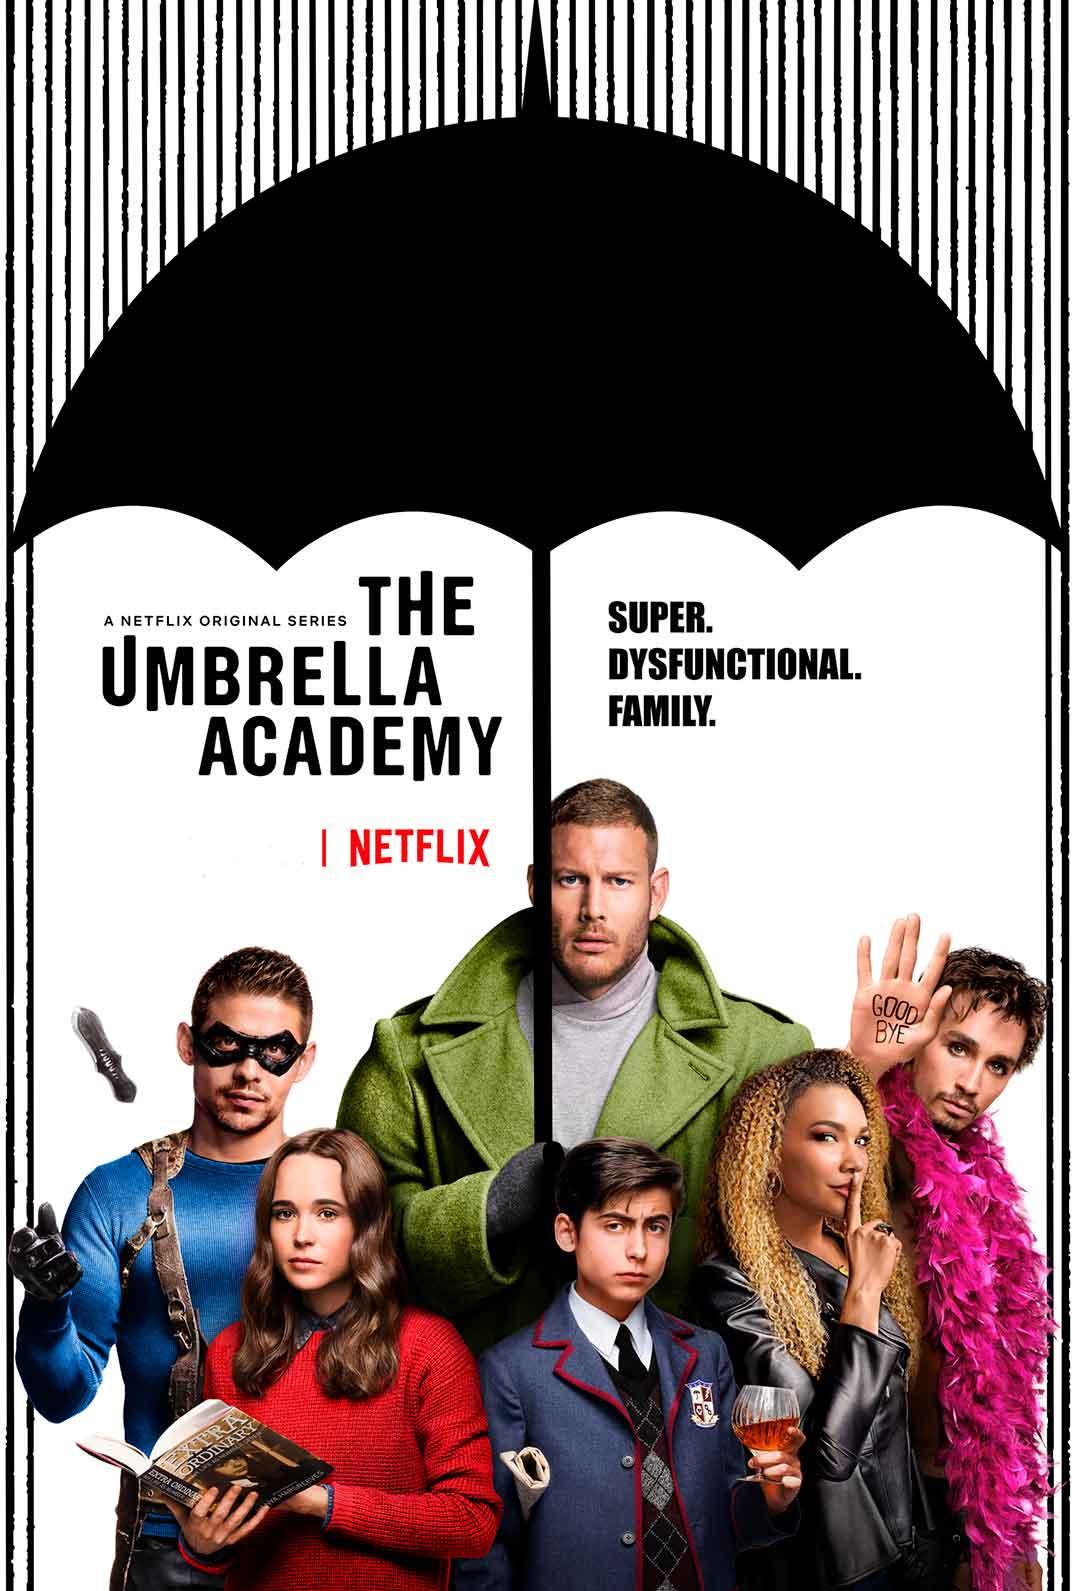 The Umbrella Academy © Netflix